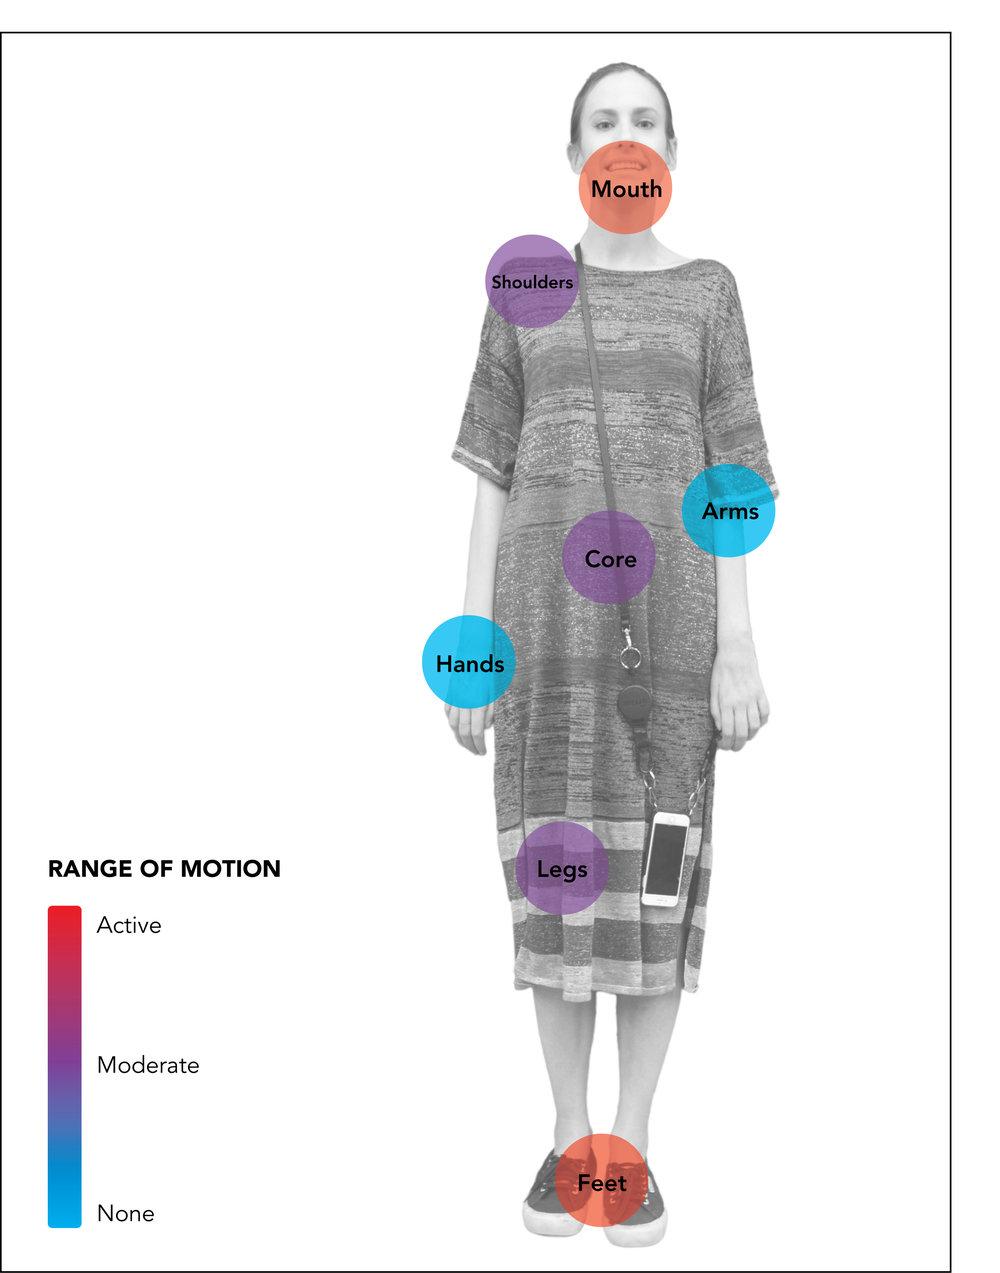 christina range of motion 2.jpg